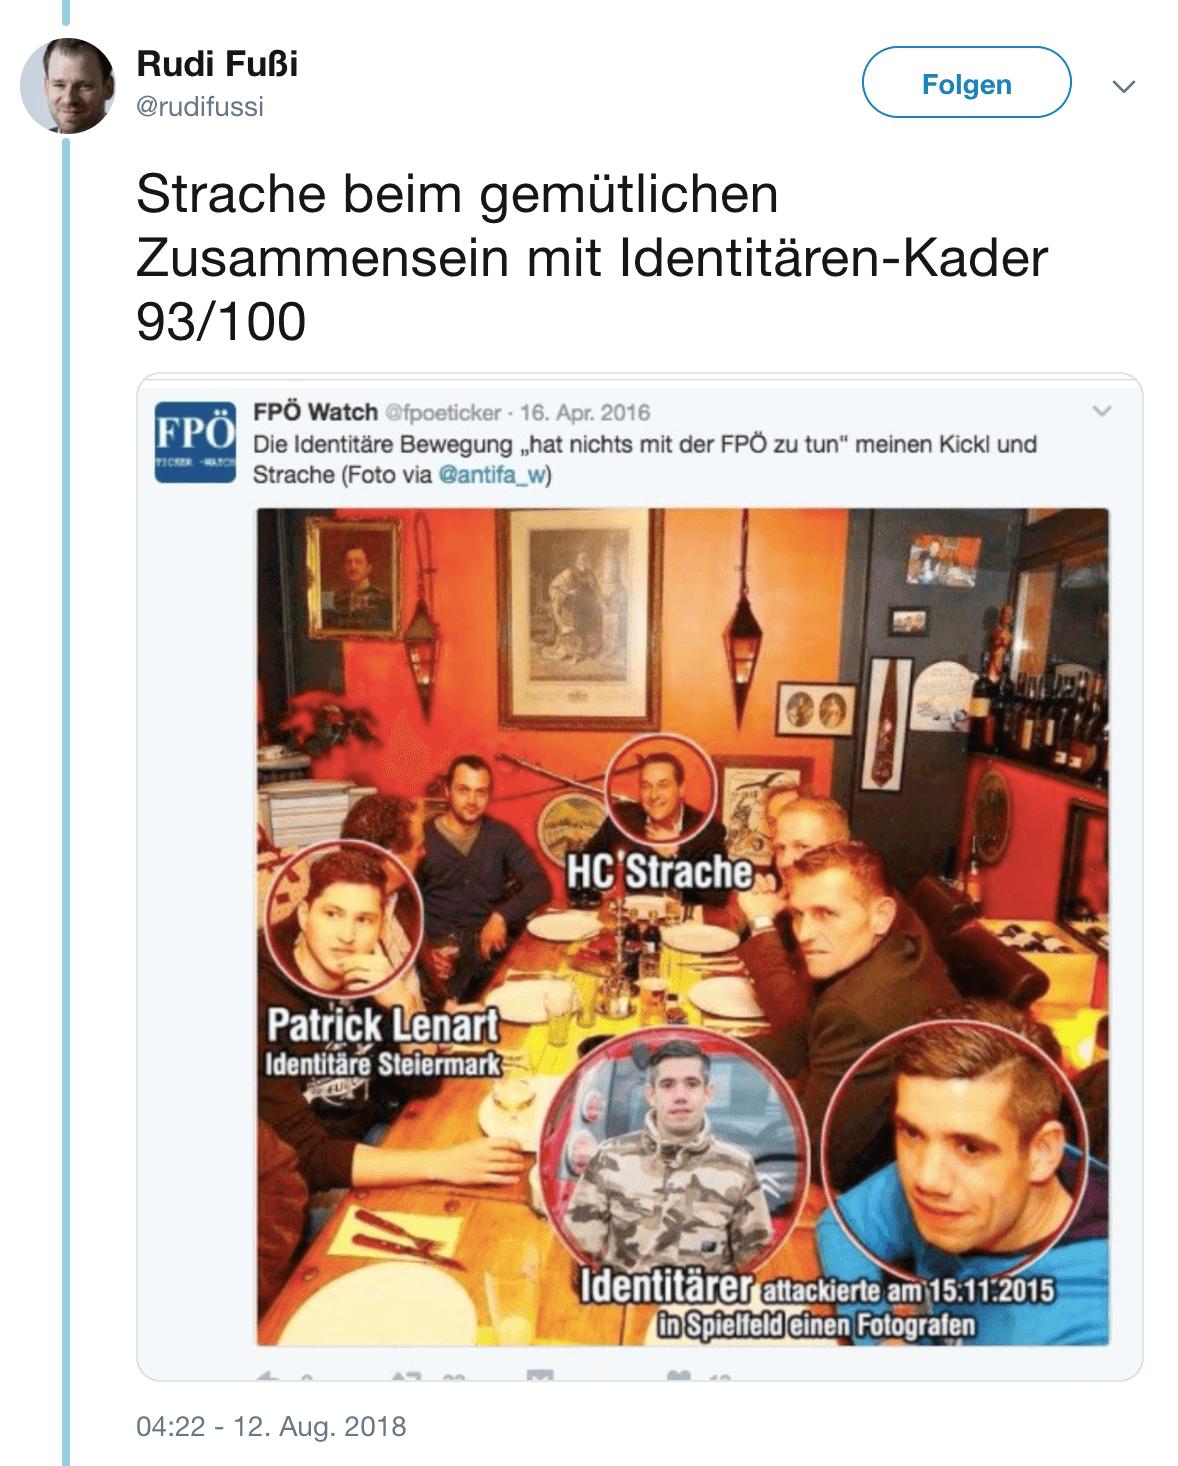 Strache vs Fußi: Foto mit Identitären bringt FPÖ-Chef in Widerspüche